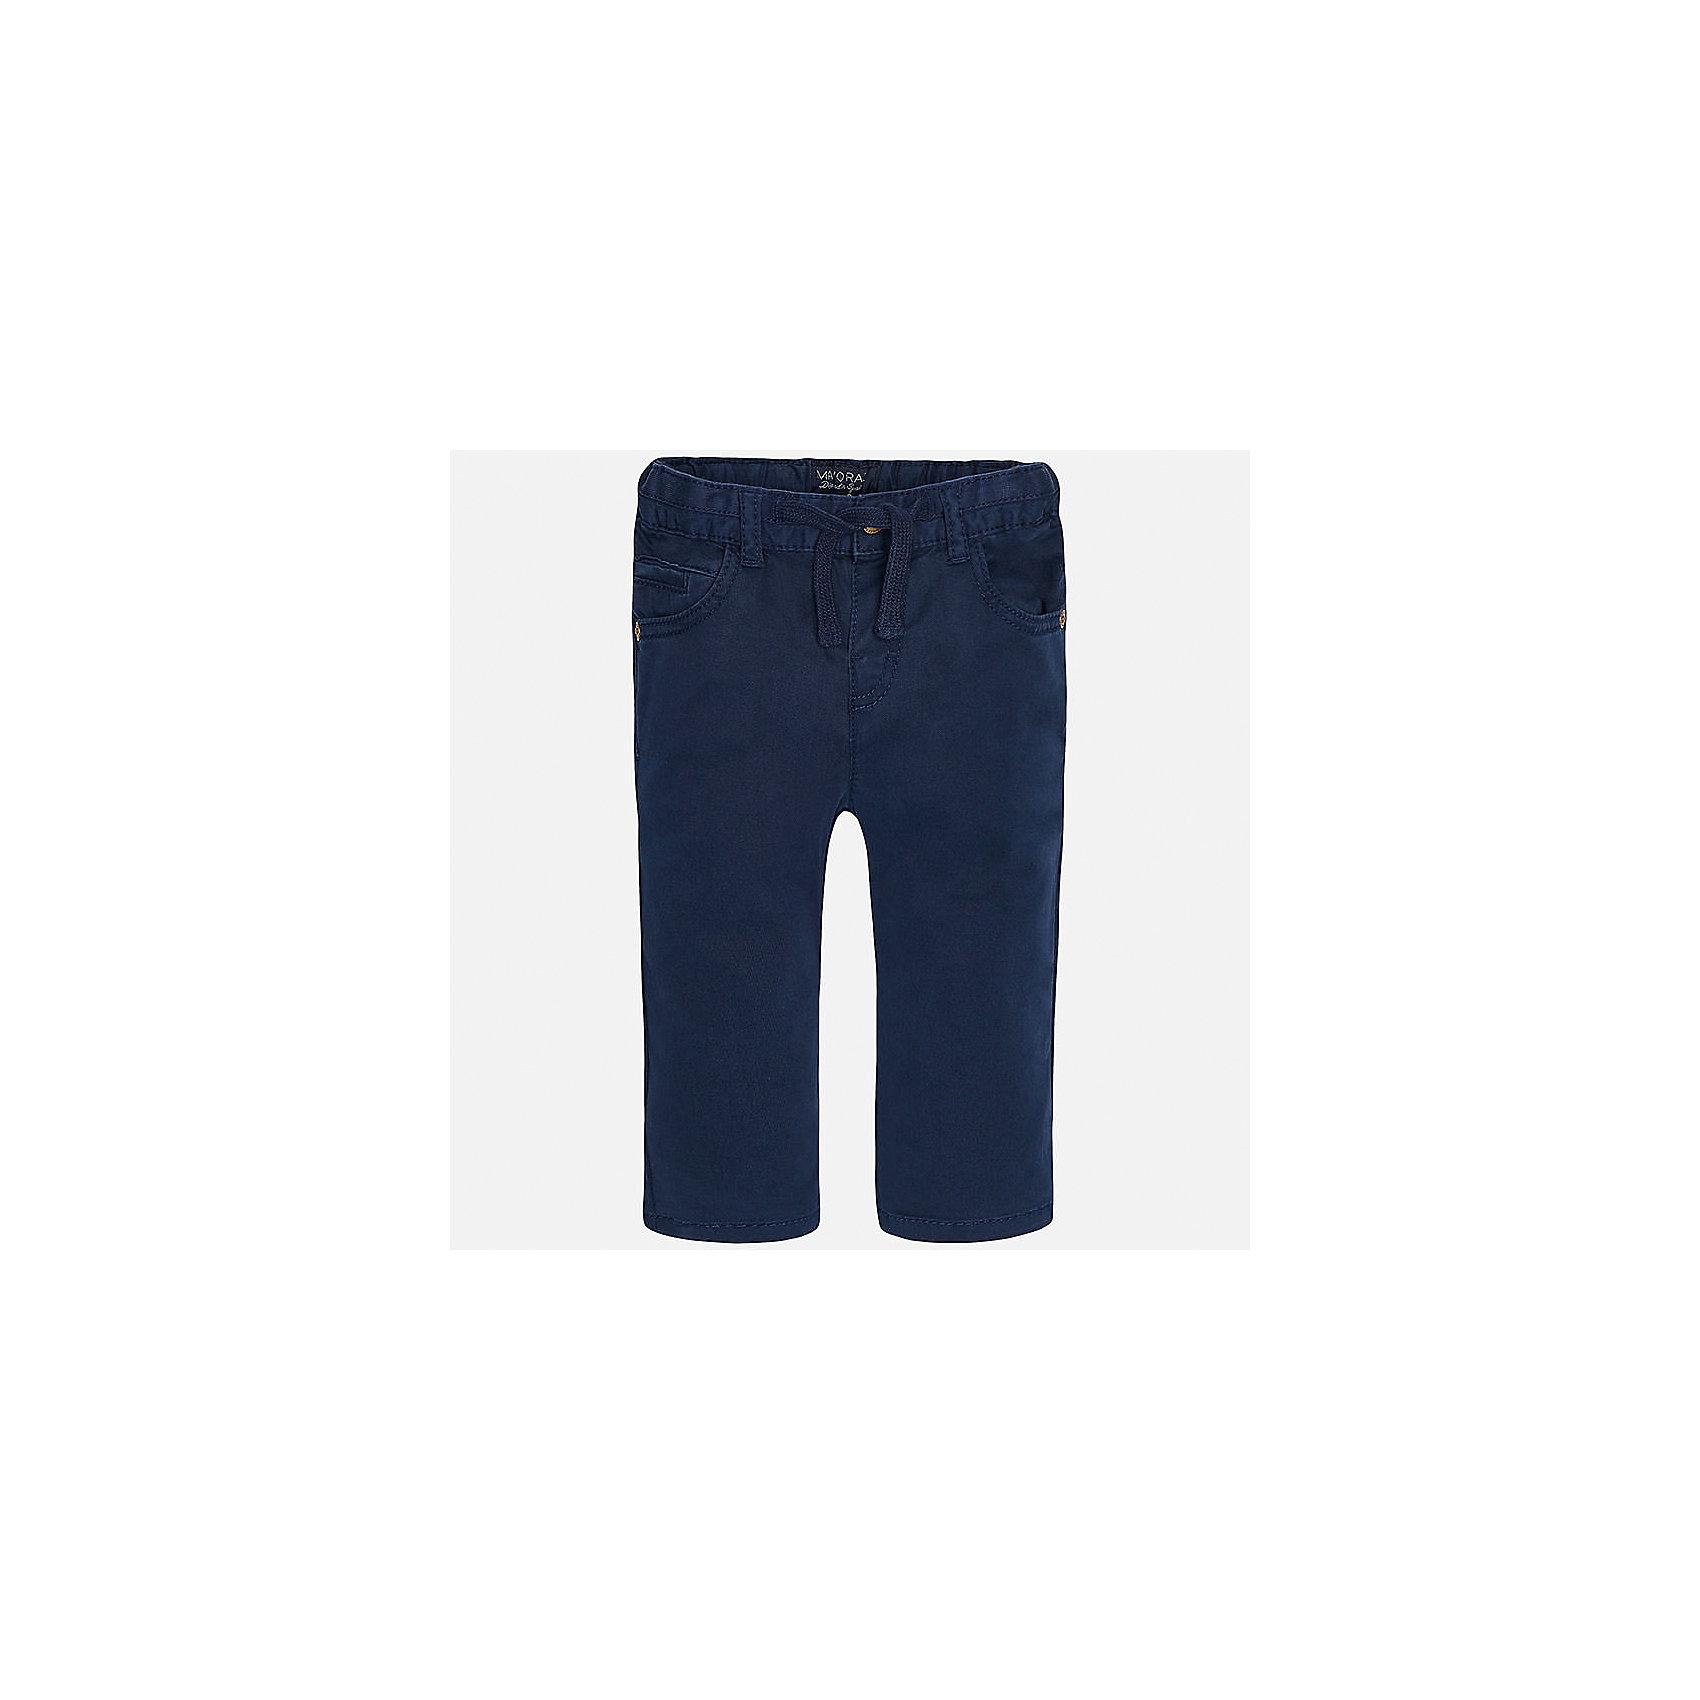 Брюки для мальчика MayoralДжинсы и брючки<br>Характеристики товара:<br><br>• цвет: темно-синий<br>• состав: 98% хлопок, 2% эластан<br>• на задних карманах пуговицы<br>• прямые штанины<br>• пояс - широкая резинка и шнурок<br>• страна бренда: Испания<br><br>Красивые брюки для мальчика помогут обеспечить ребенку комфорт. Они отлично сочетаются с майками, футболками, куртками и т.д. Универсальный крой и цвет позволяет подобрать к вещи верх разных расцветок. Практичное и стильное изделие! В составе материала - натуральный хлопок, гипоаллергенный, приятный на ощупь, дышащий.<br><br>Одежда, обувь и аксессуары от испанского бренда Mayoral полюбились детям и взрослым по всему миру. Модели этой марки - стильные и удобные. Для их производства используются только безопасные, качественные материалы и фурнитура. Порадуйте ребенка модными и красивыми вещами от Mayoral! <br><br>Брюки для мальчика от испанского бренда Mayoral (Майорал) можно купить в нашем интернет-магазине.<br><br>Ширина мм: 215<br>Глубина мм: 88<br>Высота мм: 191<br>Вес г: 336<br>Цвет: синий<br>Возраст от месяцев: 12<br>Возраст до месяцев: 15<br>Пол: Мужской<br>Возраст: Детский<br>Размер: 80,86,92<br>SKU: 5279665